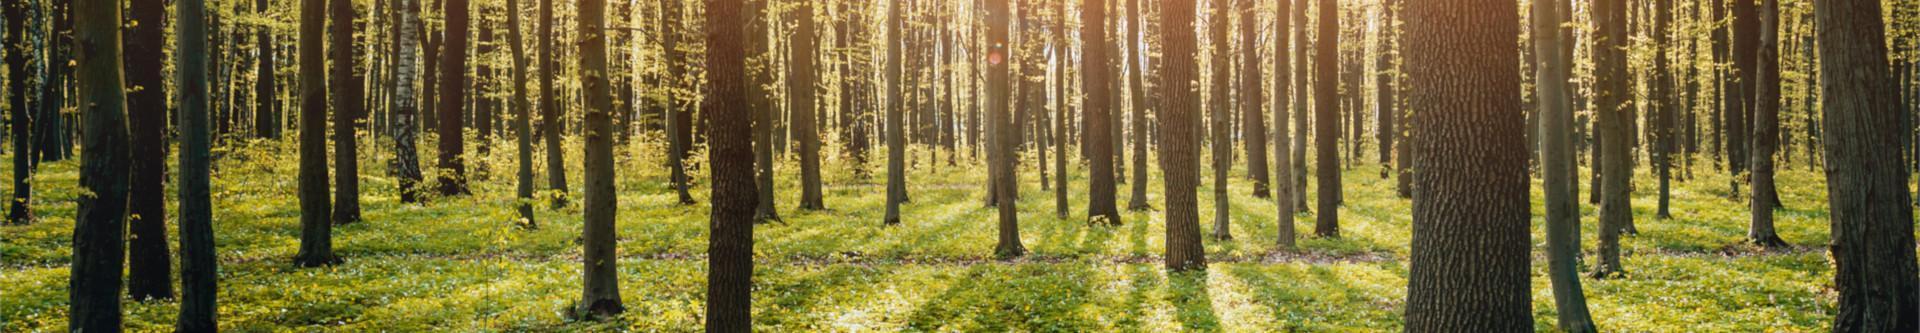 Zbliżenie na drzewa w lesie